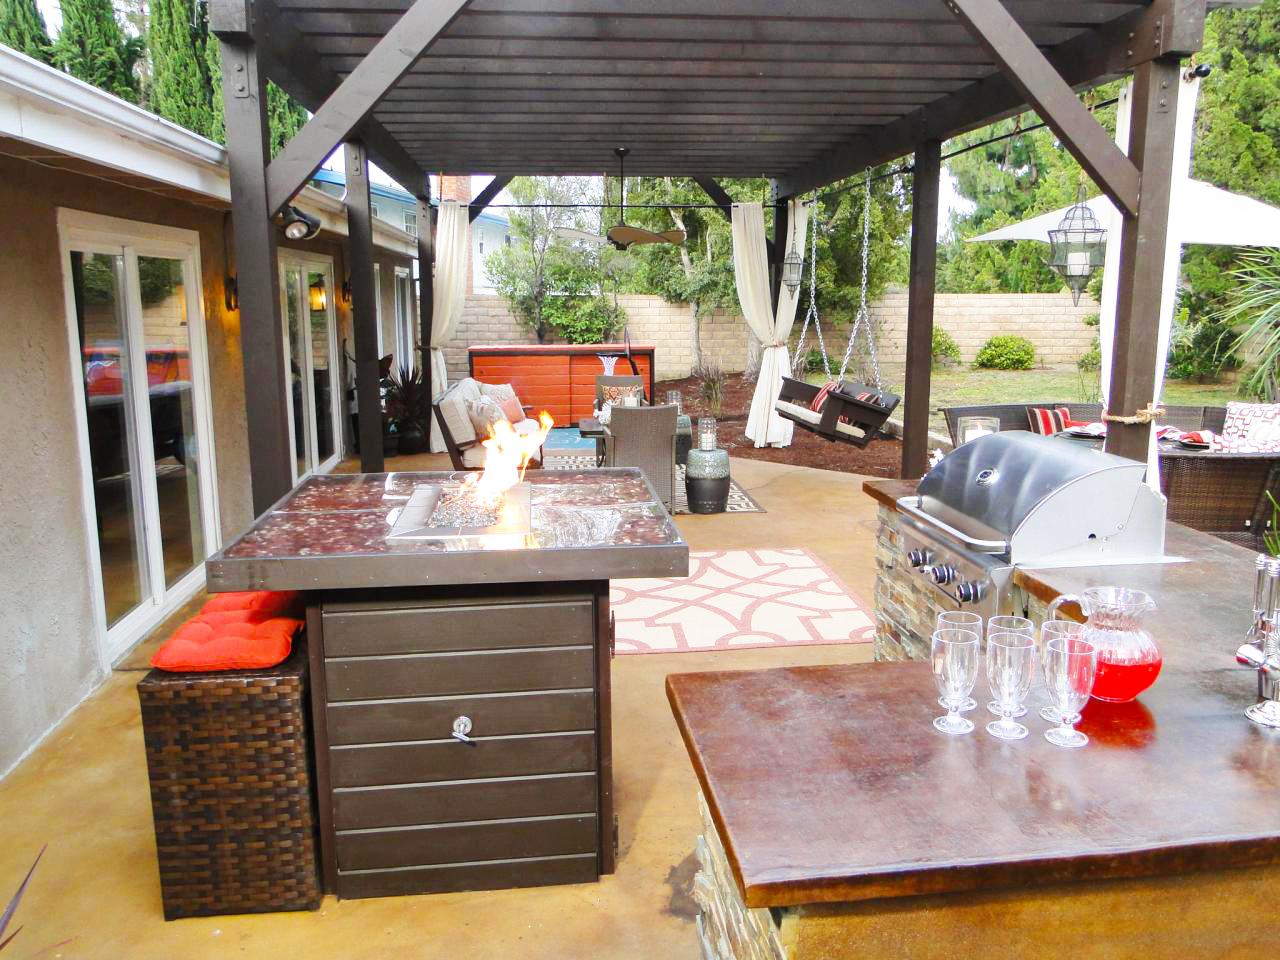 Best Backyard Kitchen Designs | Roy Home Design